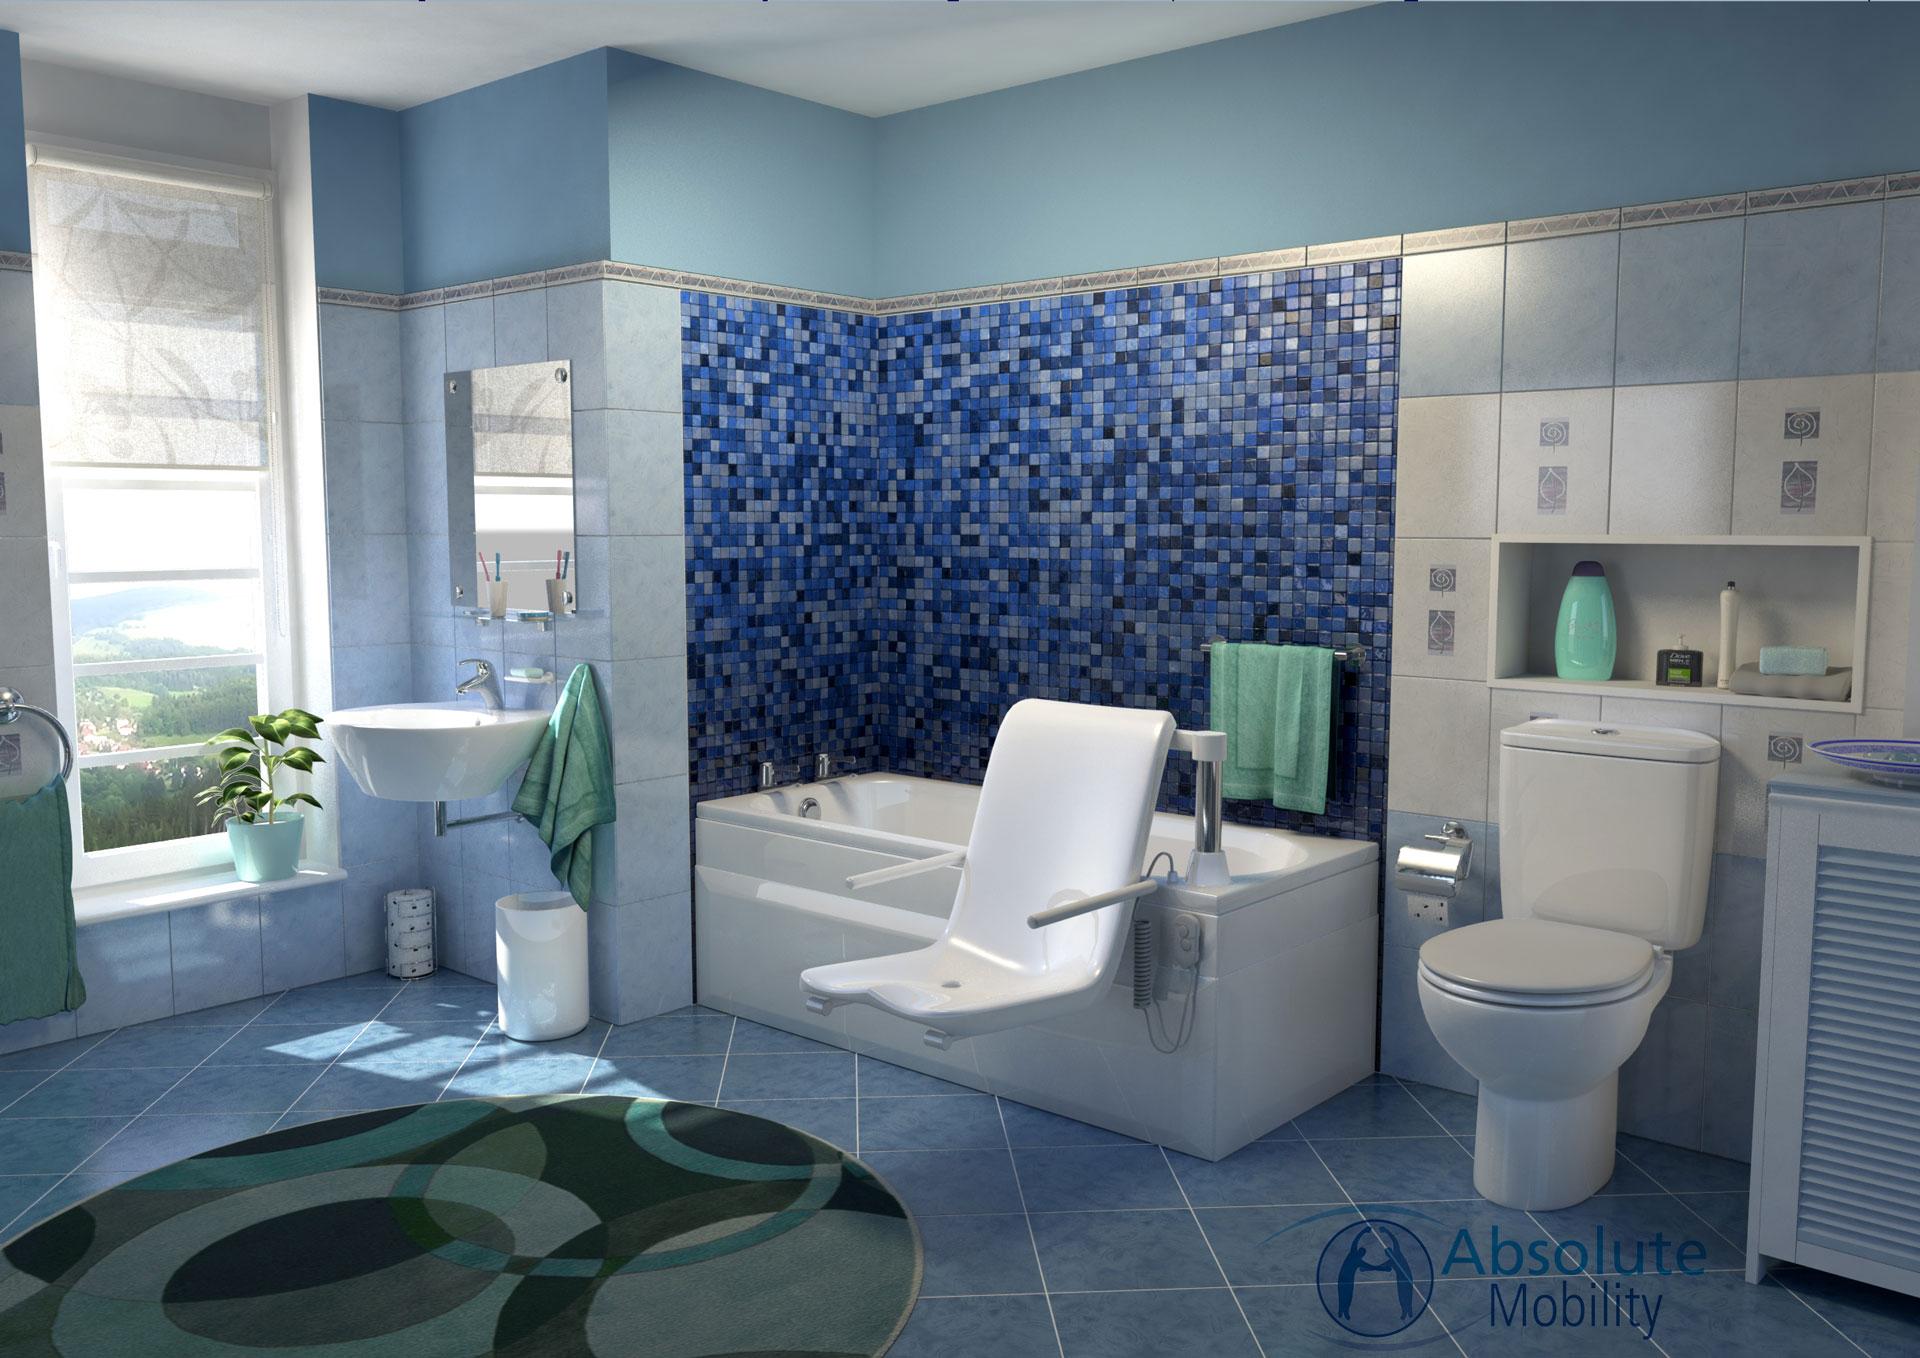 bathroom CGI rendering